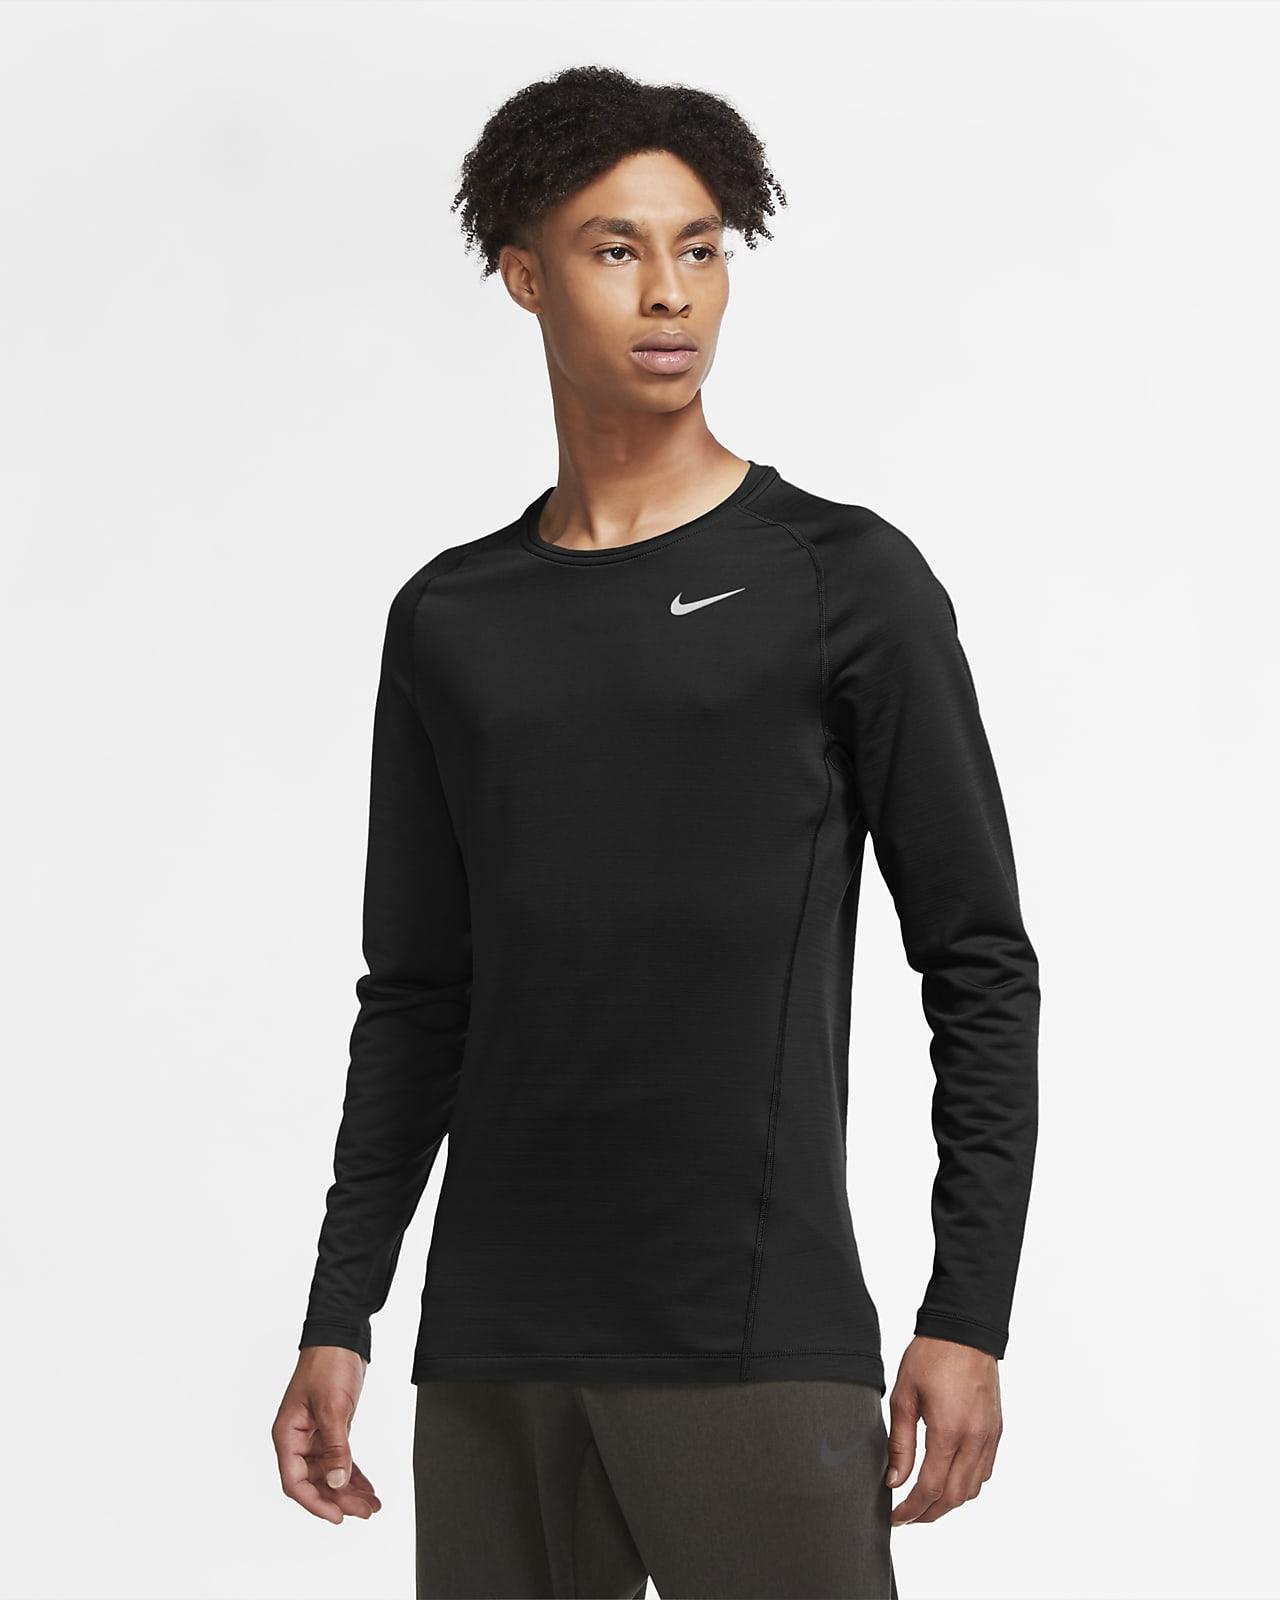 Мужская футболка с длинным рукавом Nike Pro Warm